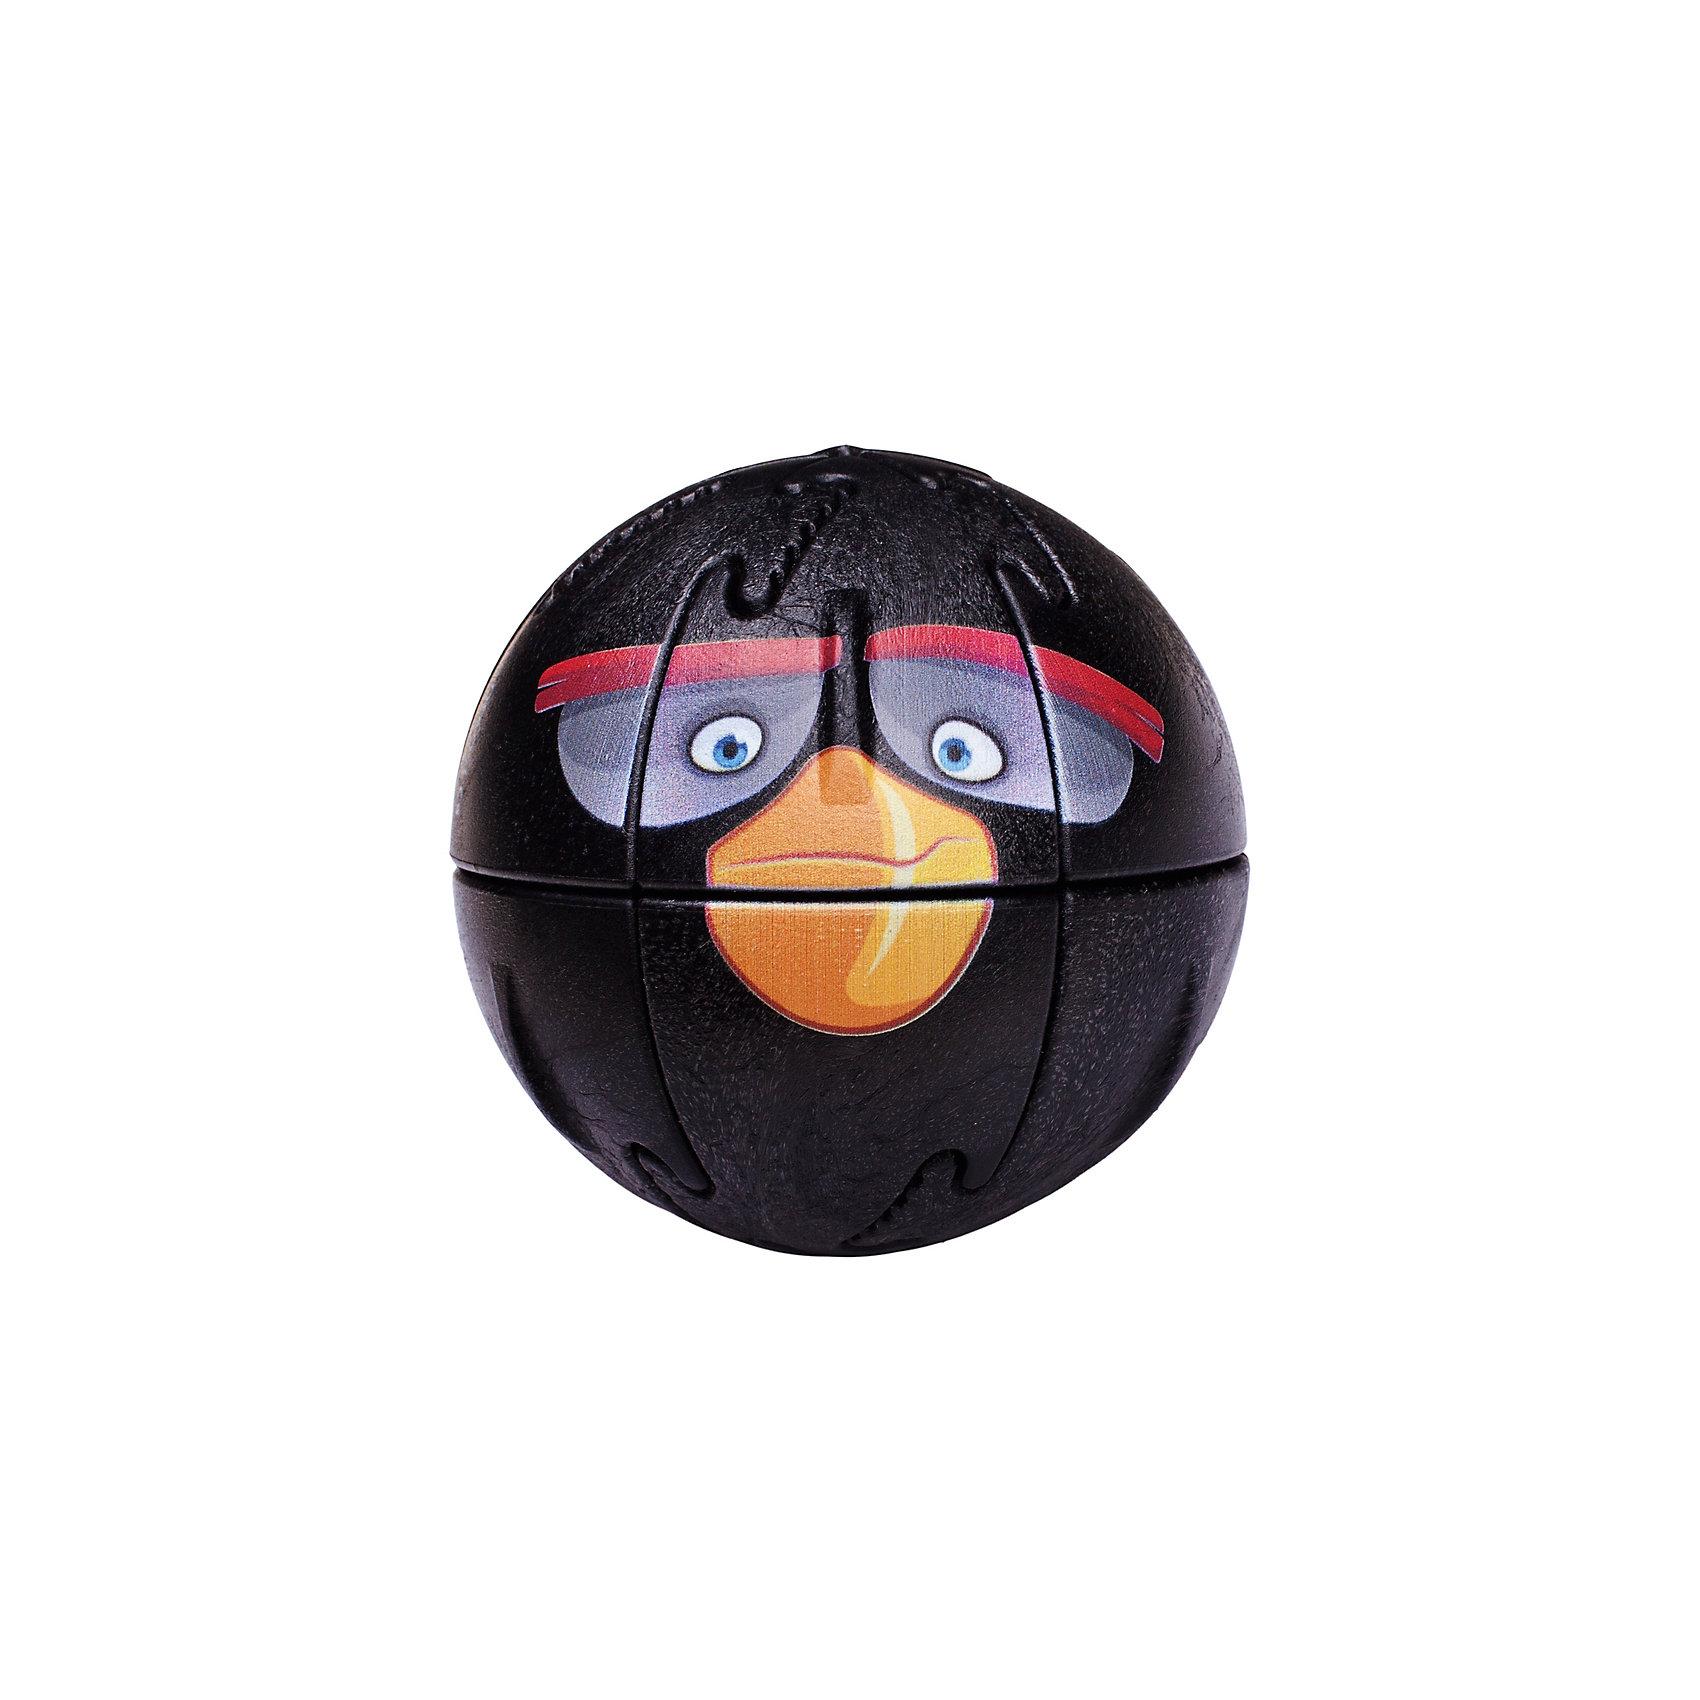 Крашики Bomb, Angry BirdsКрашики Bomb, Angry Birds – развивающий многофункциональный объемный магнитный пазл, новое слово в мире детских игр и головоломок.<br>Собери популярного героя Angry Birds с новым объемным пазлом Крашик. Вспыльчивый Бомб очень рассержен тем, что коварные свинки снова украли яйца — помоги ему отобрать их у коварных свинок! Крашик Angry Birds не имеющий аналогов на рынке, поможет скрасить досуг любого ребенка, группы детей, или даже их родителей. С необычной головоломкой можно придумывать различные вариации веселой игры, что поможет отвлечь современных детей от планшетов и телефонов. Детали головоломки соединяются друг с другом с помощью пазов и удерживаются магнитами. Задача состоит в том, чтобы правильно соединить детали и собрать персонажа из Angry Birds. При этом необходимо учитывать магнитные полюса каждой детали, что познакомит детей с основами магнетизма. Также внутри каждого пазла находится небольшое пластиковое яйцо. С крашиками можно играть как самостоятельно, так и в компании друзей. Чем больше детей и пазлов – тем интереснее играть! Можно собрать своего неповторимого персонажа, соединив детали от разных крашиков или выстроив в ряд свинок, выбивать их птичками, пока их свинок не выпадет пластиковое яйцо. Крашики Angry Birds изготовлены из качественного безопасного материала на современном оборудовании. Крашики Angry Birds не только вернут современному поколению веселое и активное детство вдали от новомодных гаджетов, но и помогут развить логическое мышление и мелкую моторику рук. Дети и родители будут в восторге от этой красочной и многогранной игрушки!<br><br>Дополнительная информация:<br><br>- Количество частей пазла: 12<br>- Материал: полипропилен<br>- Сила удерживания половинок: 7 кг.<br>- Размер упаковки: 15,5х15,5 х10 см.<br>- Вес: 310 гр.<br><br>Крашики Bomb, Angry Birds можно купить в нашем интернет-магазине.<br><br>Ширина мм: 150<br>Глубина мм: 150<br>Высота мм: 100<br>Вес г: 300<br>Возраст от месяцев: 36<br>Возраст до месяц